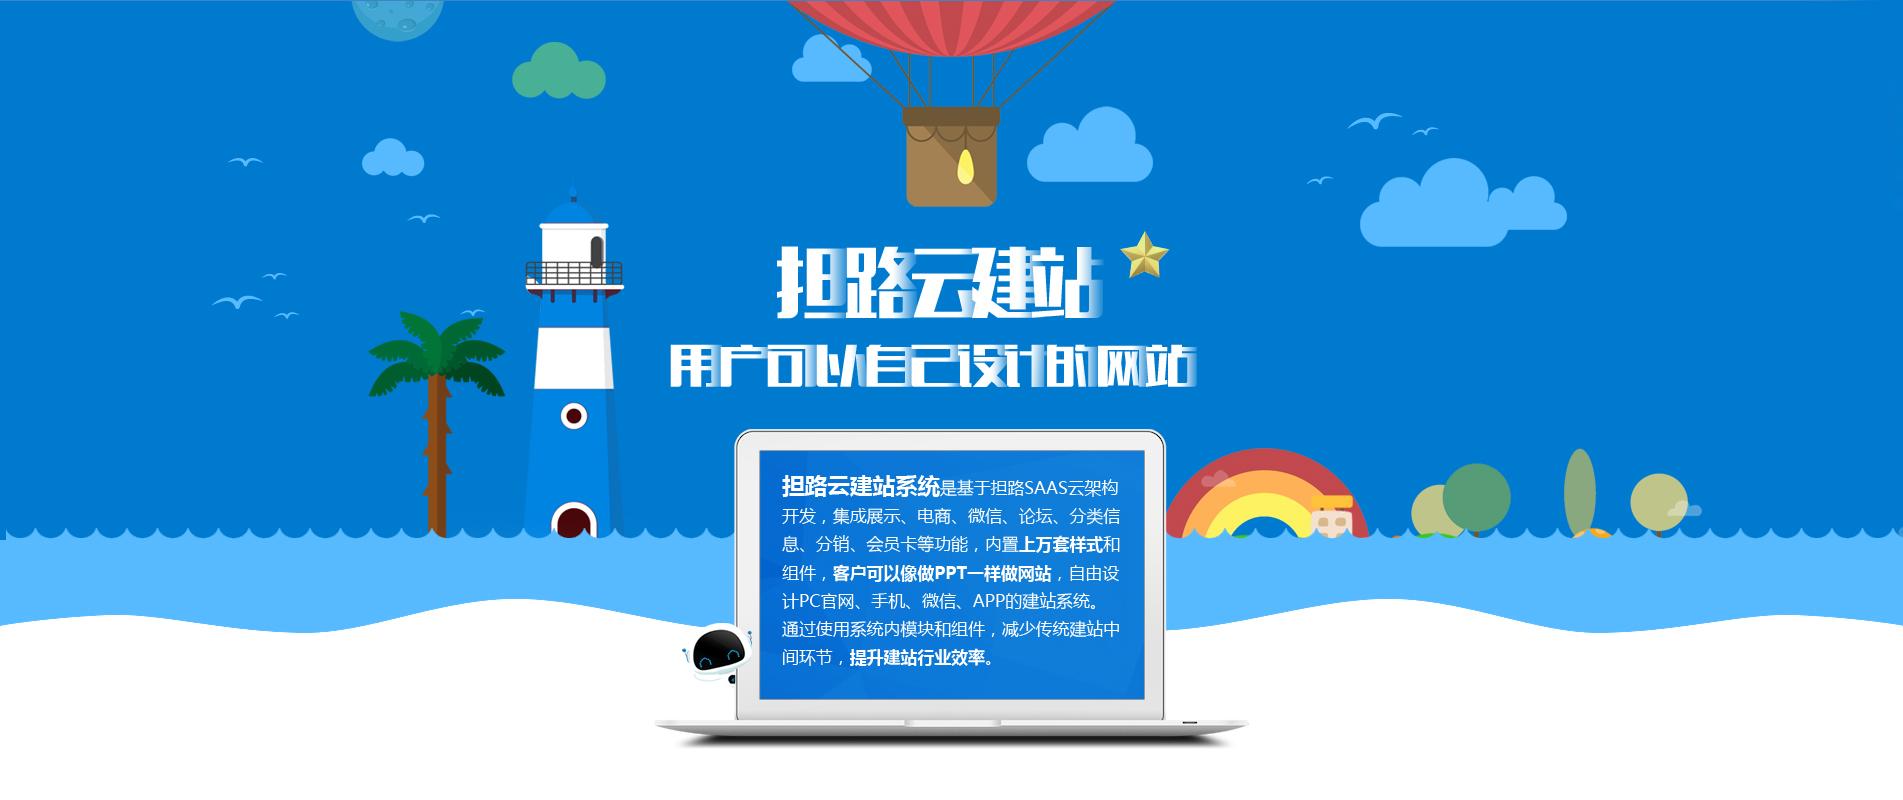 西安网站建设|西安网站制作-banner图